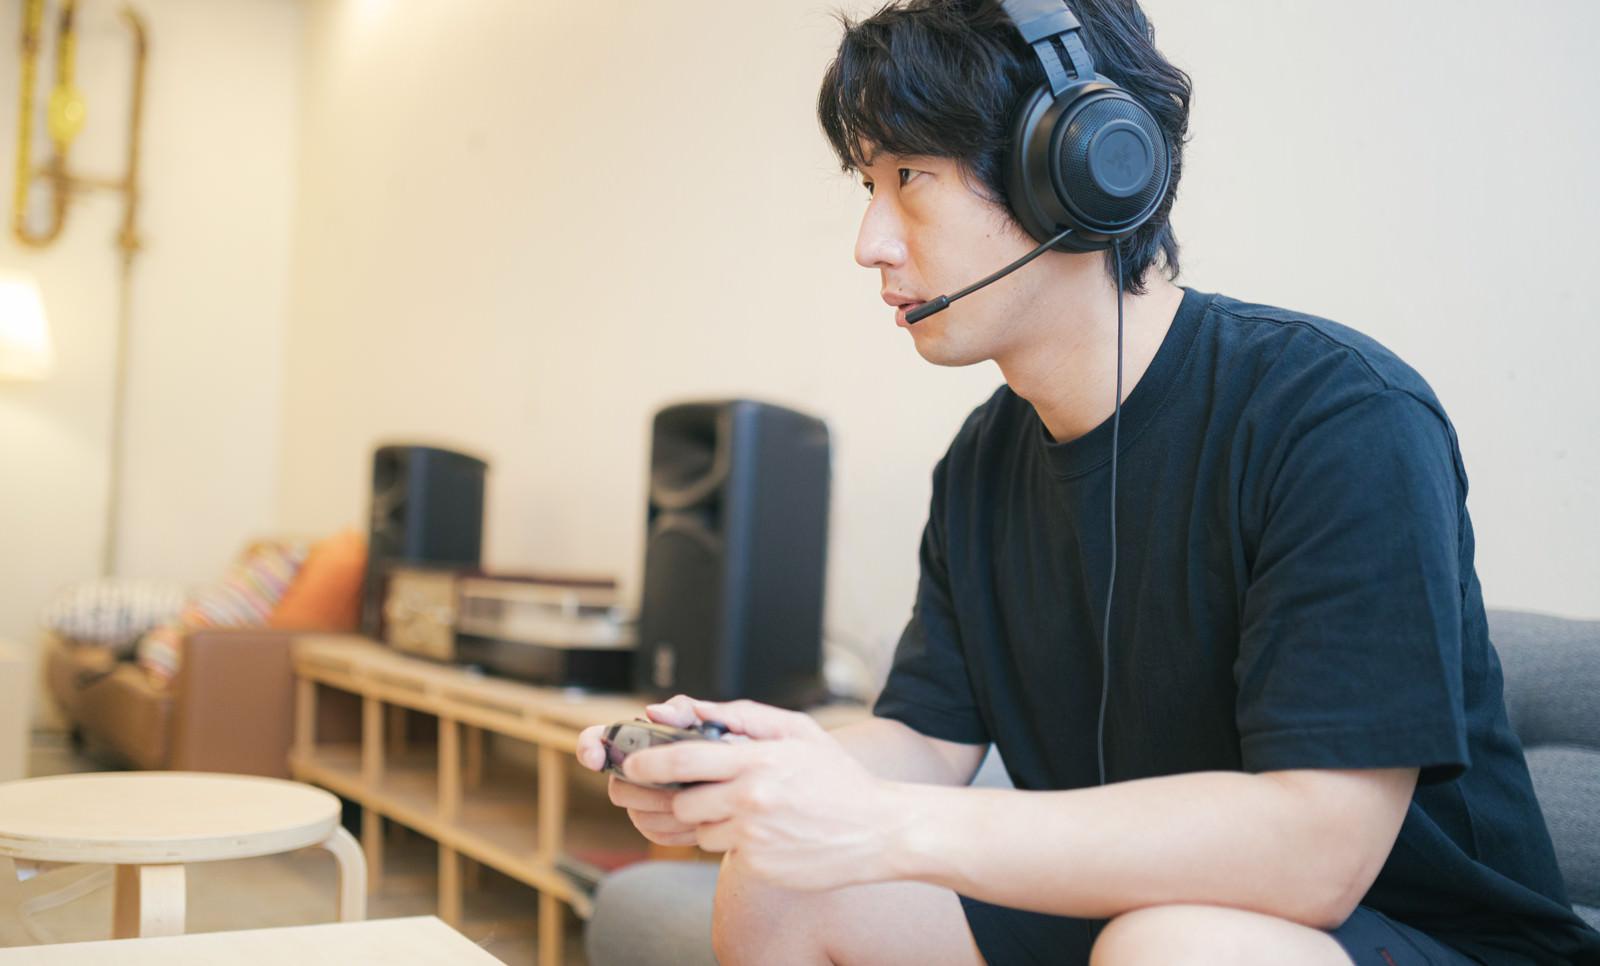 「ヘッドセットをしながらゲームに熱中する男性」の写真[モデル:大川竜弥]